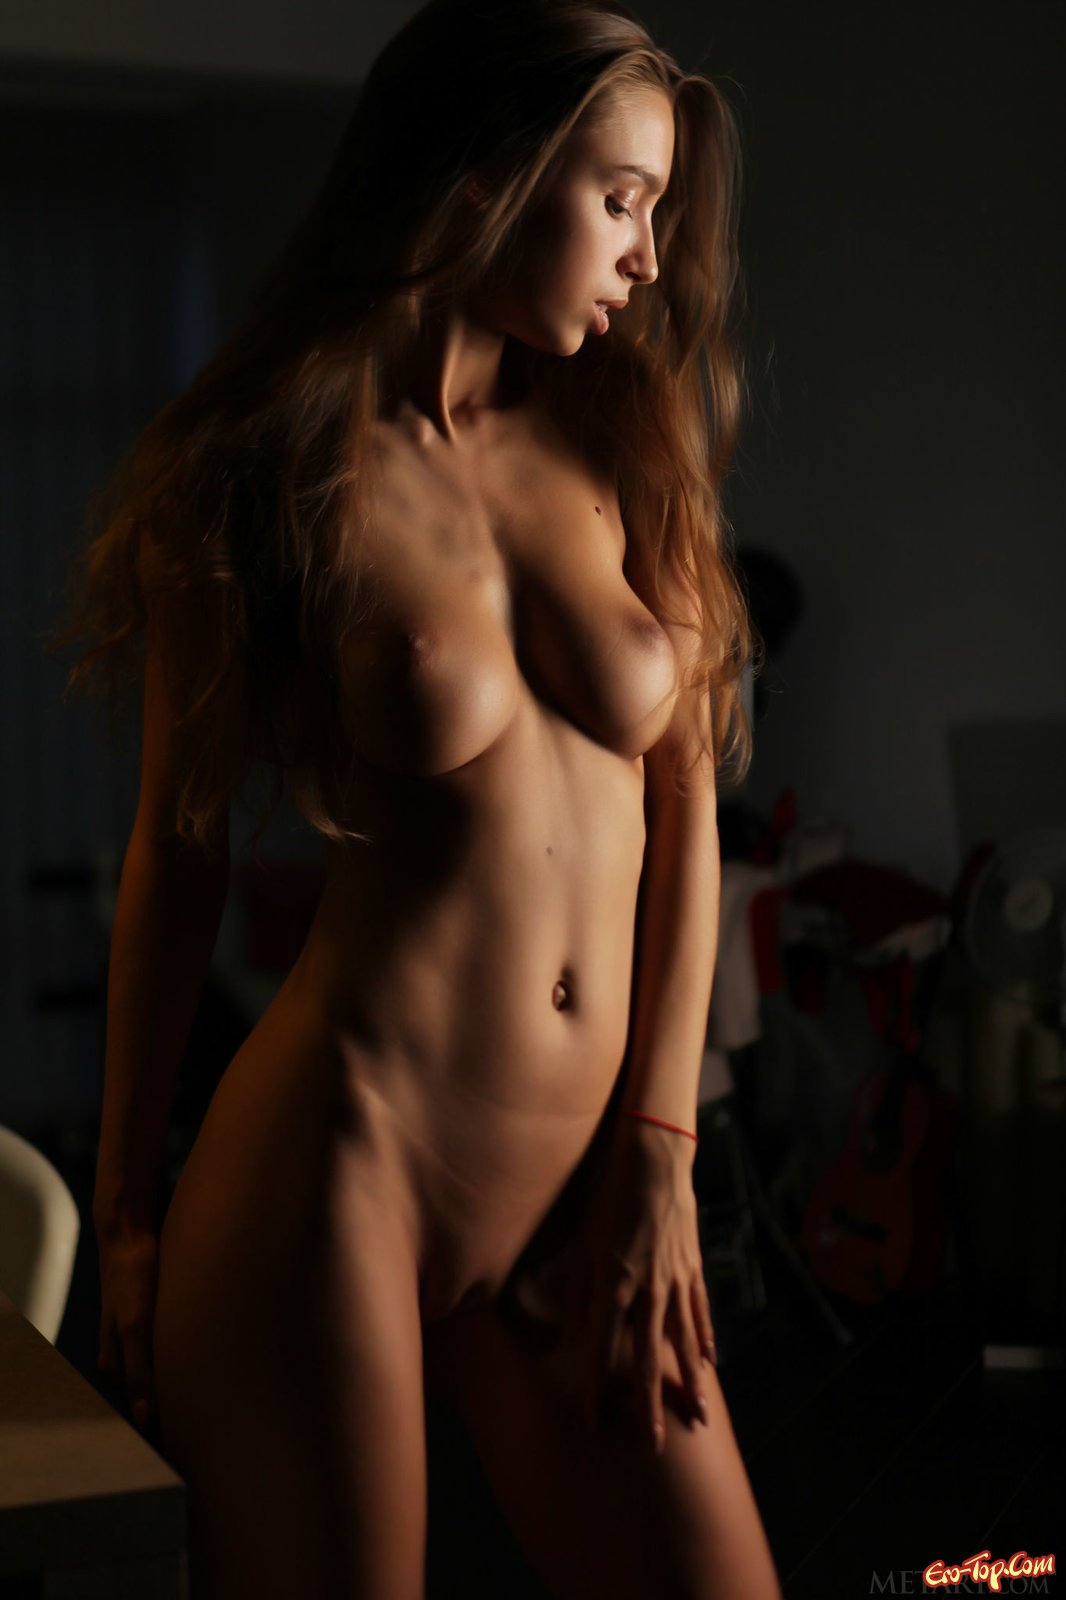 Молоденькая красавица с шикарным телом